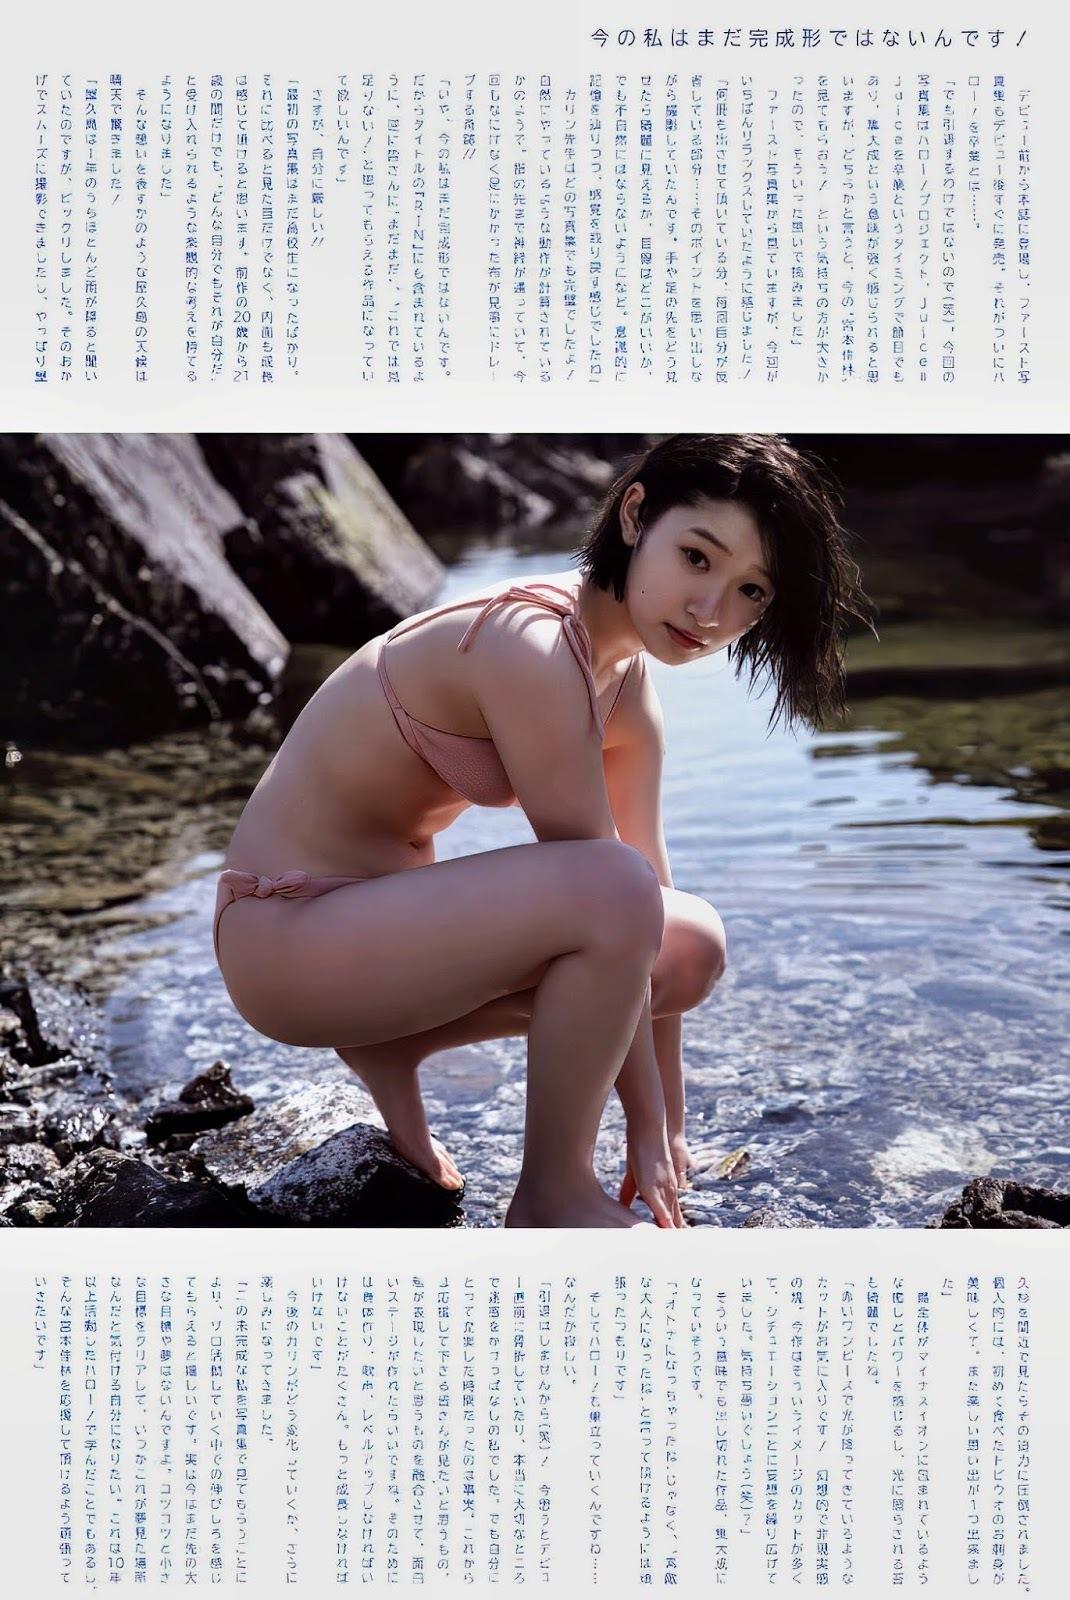 日本写真女星宫本佳林 美图分享-觅爱图